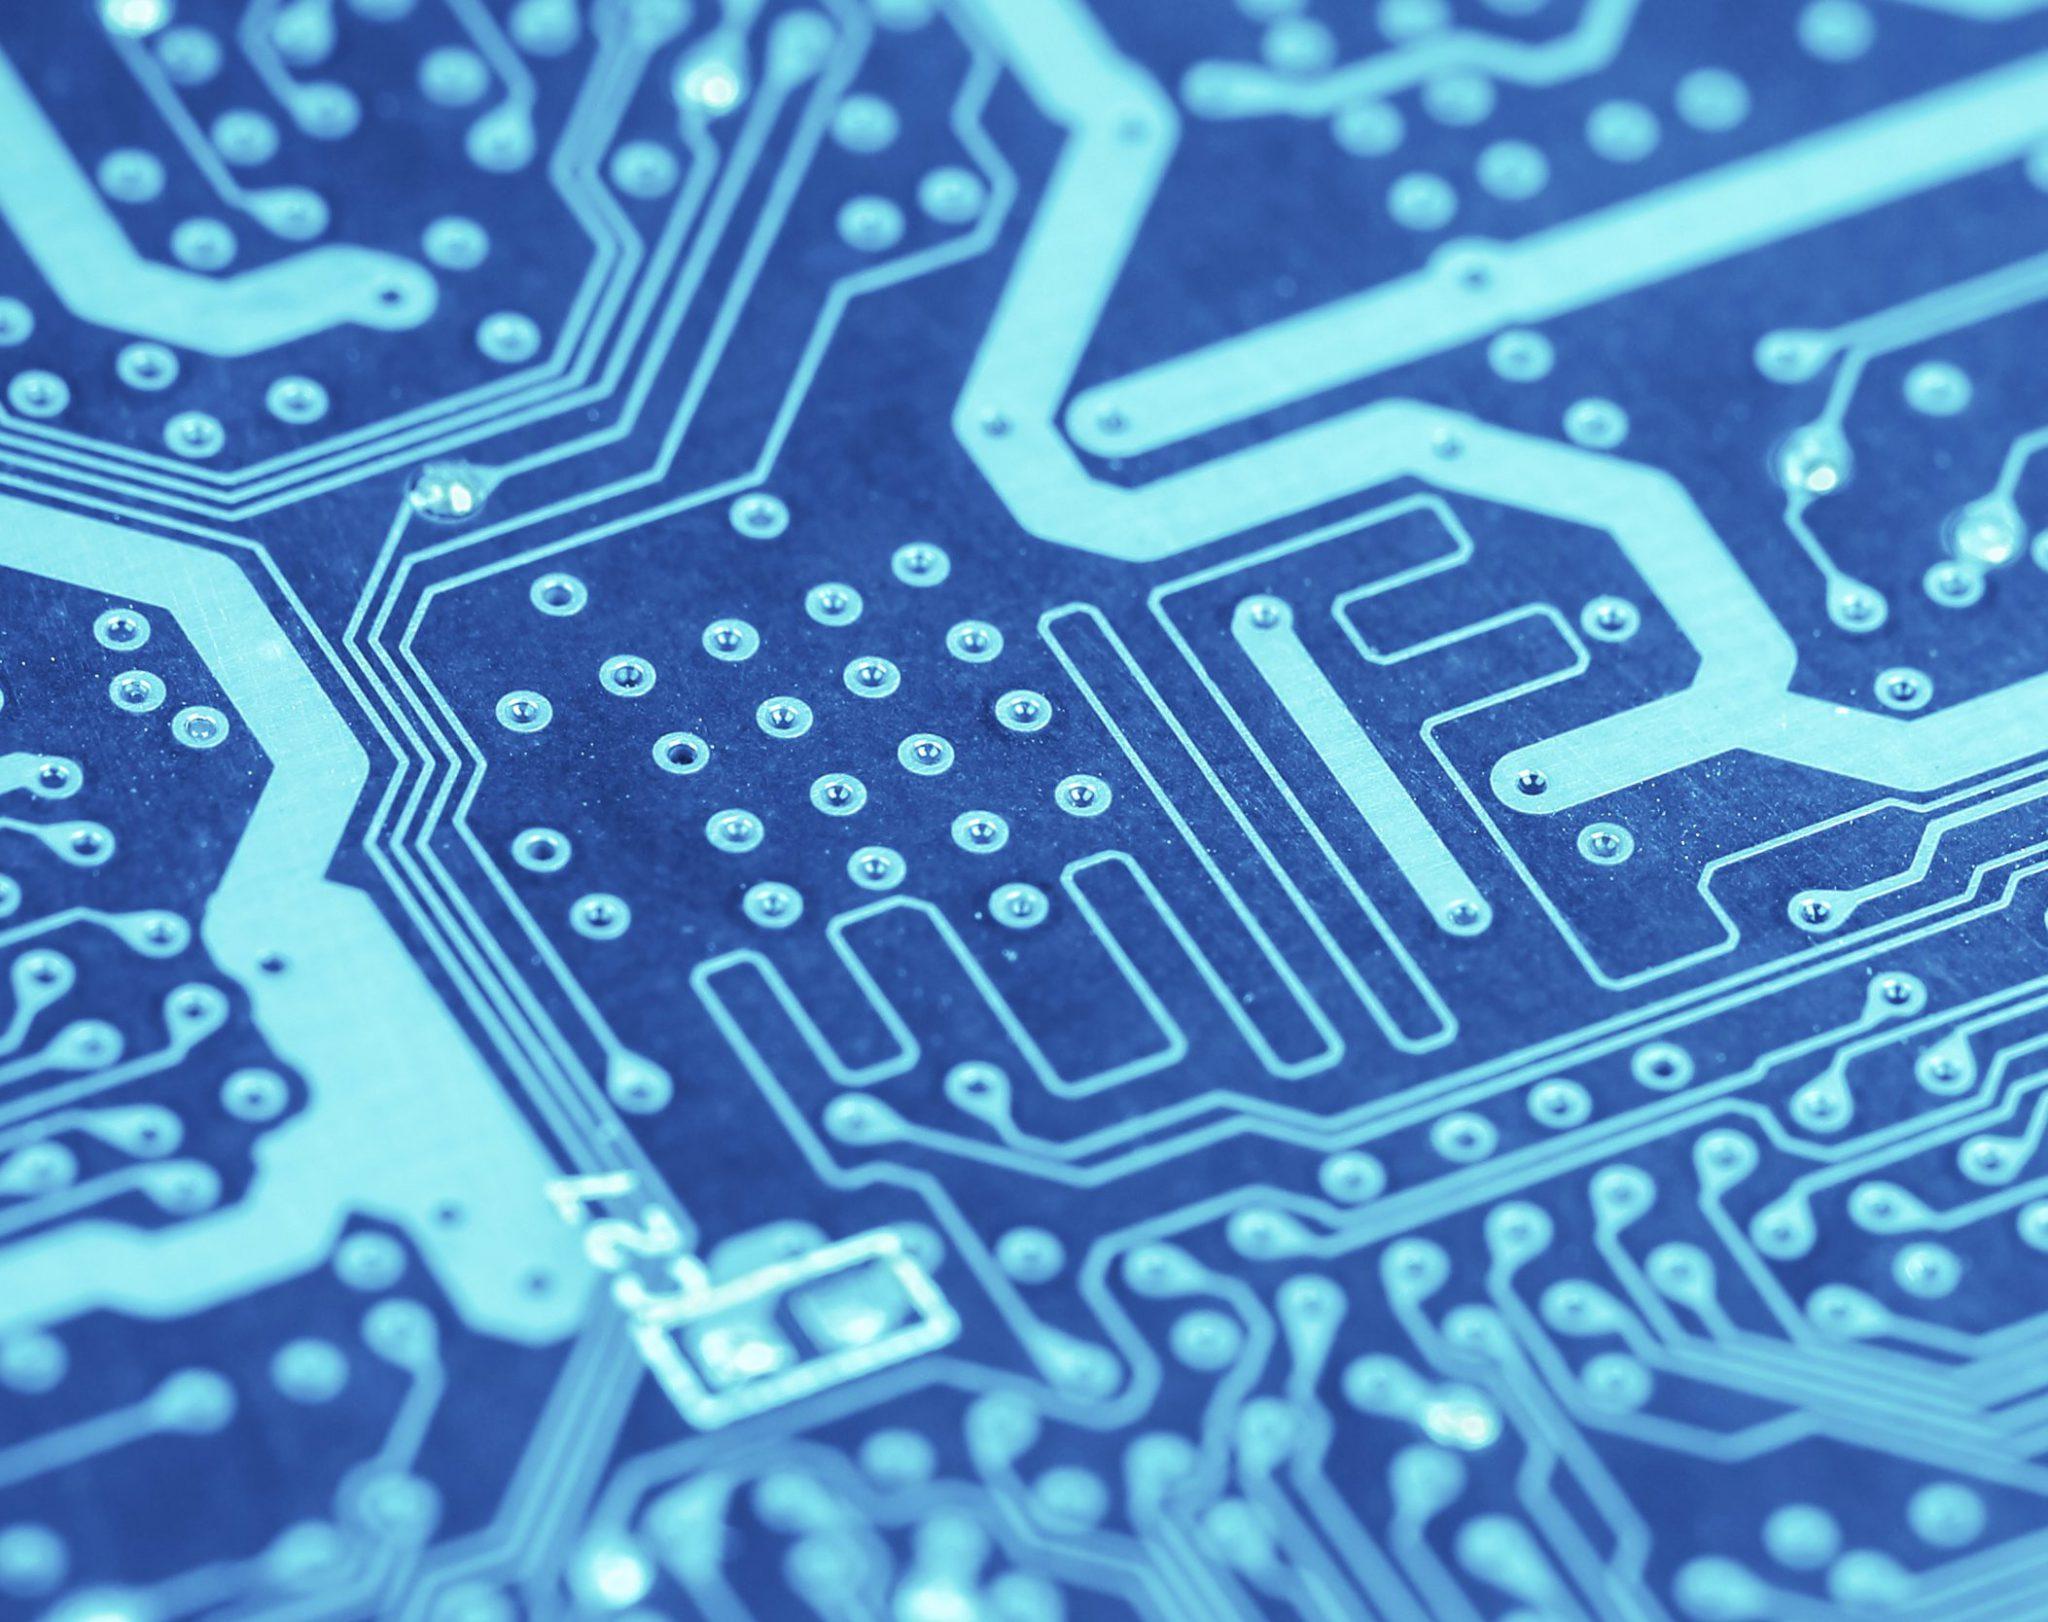 Electronics Engineer